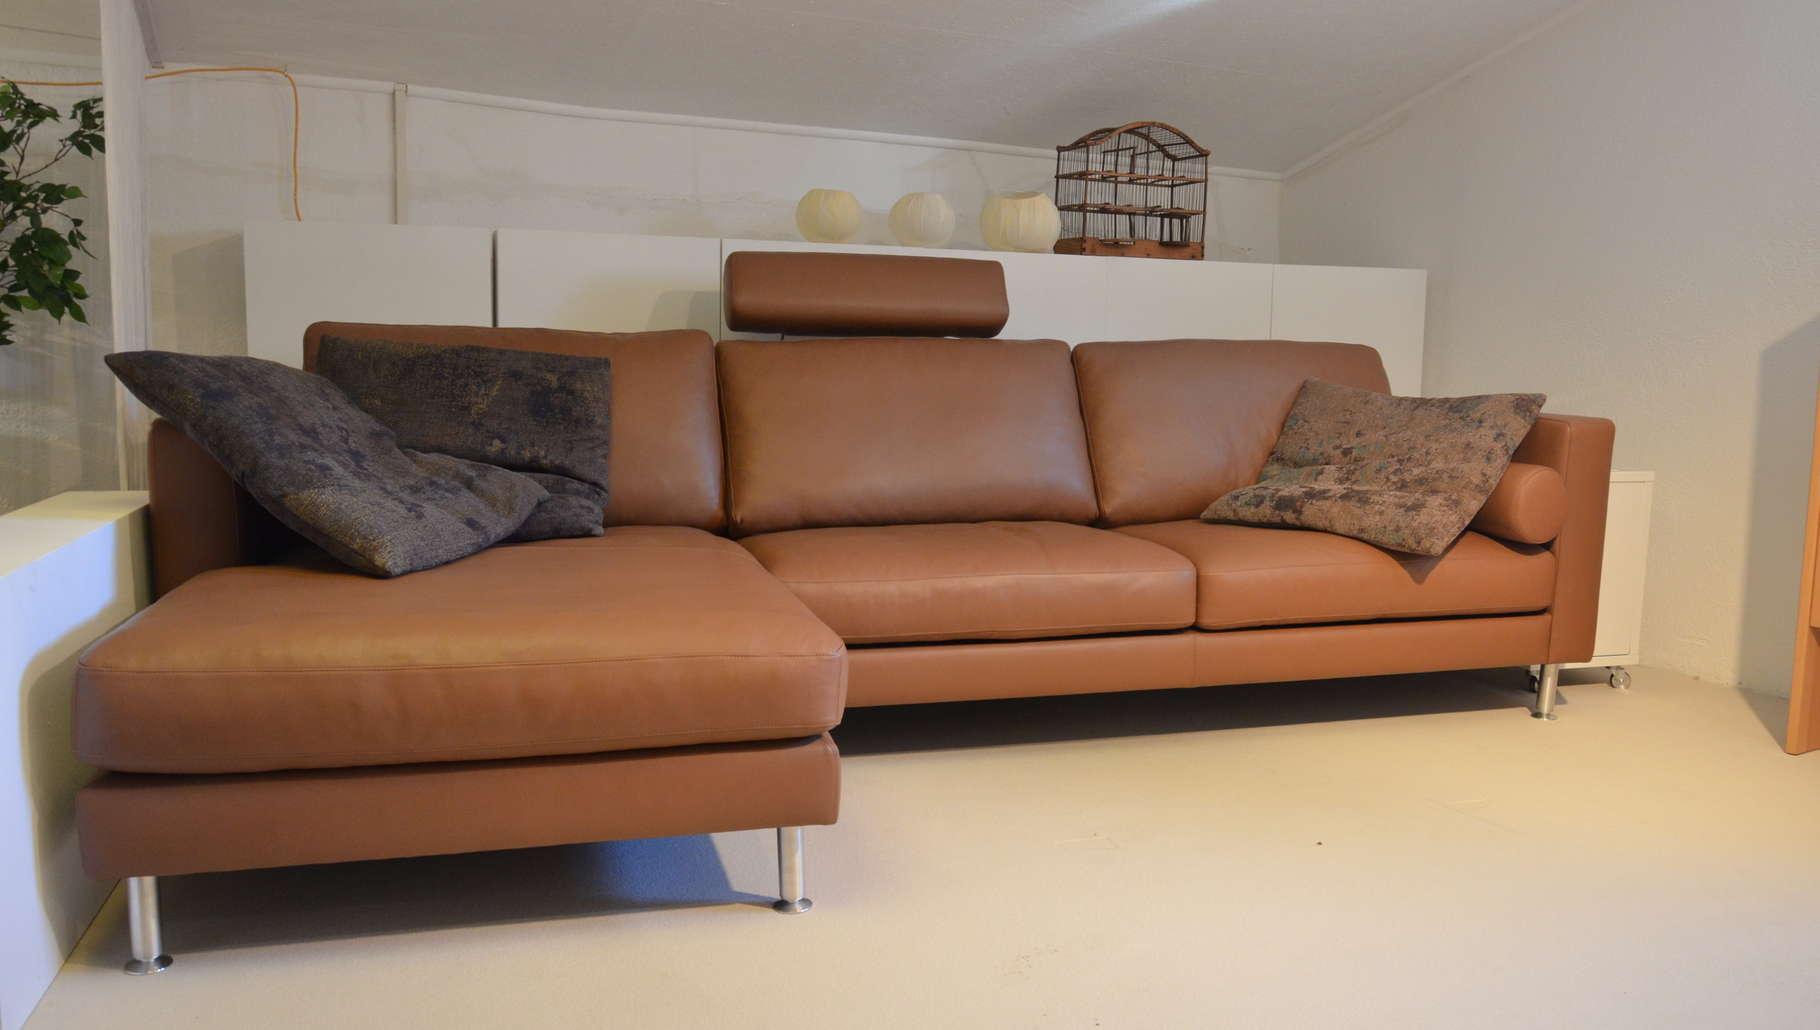 eckcouch system plus von machalke angebote. Black Bedroom Furniture Sets. Home Design Ideas